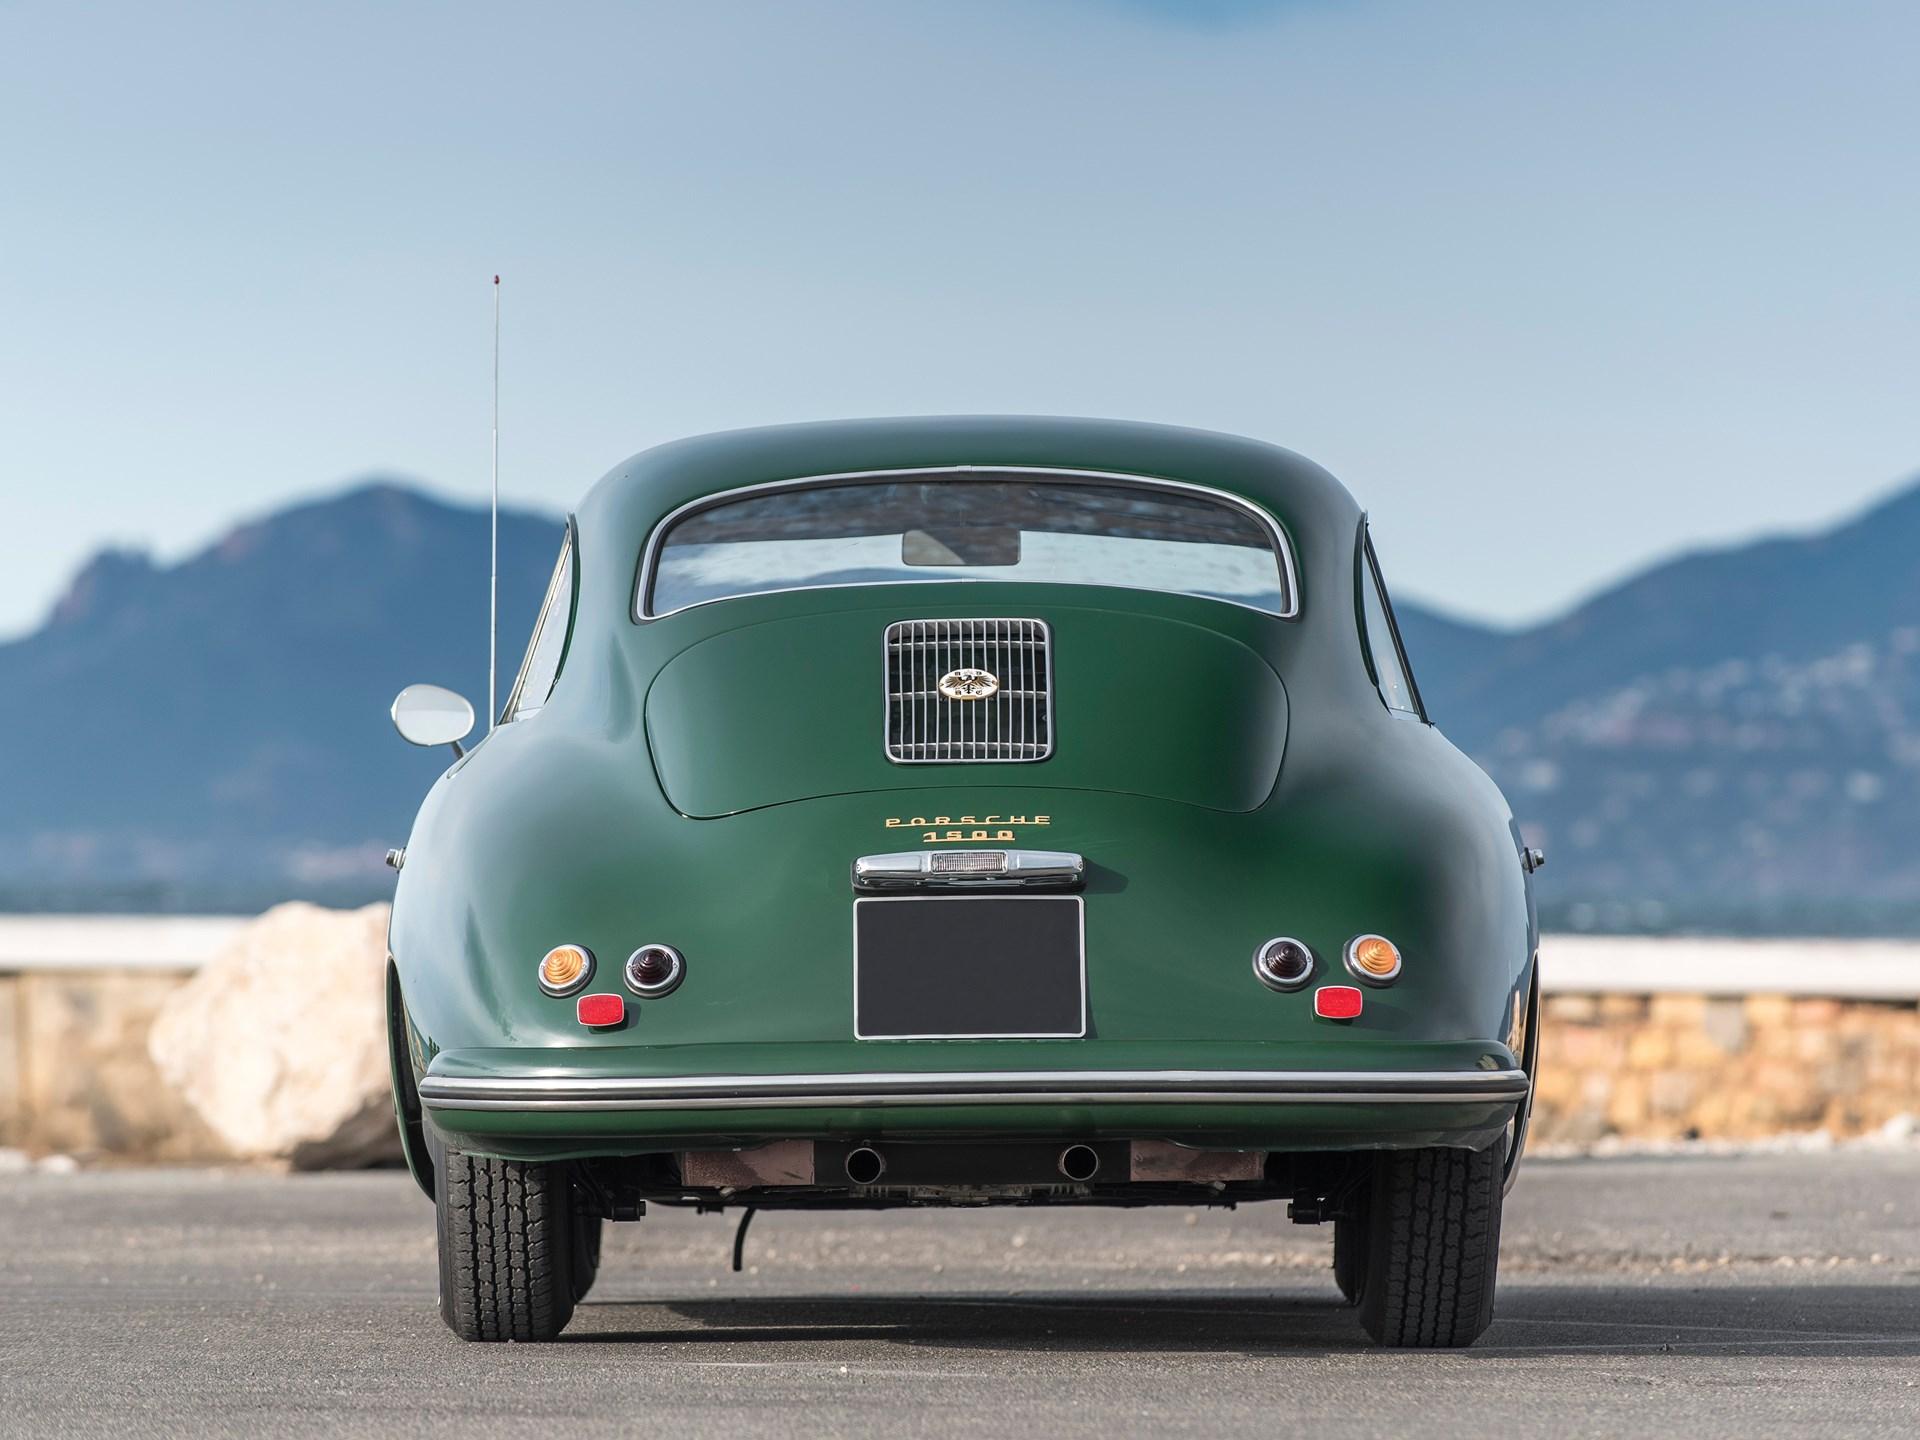 1955 Porsche 356 1500 Coupé by Reutter